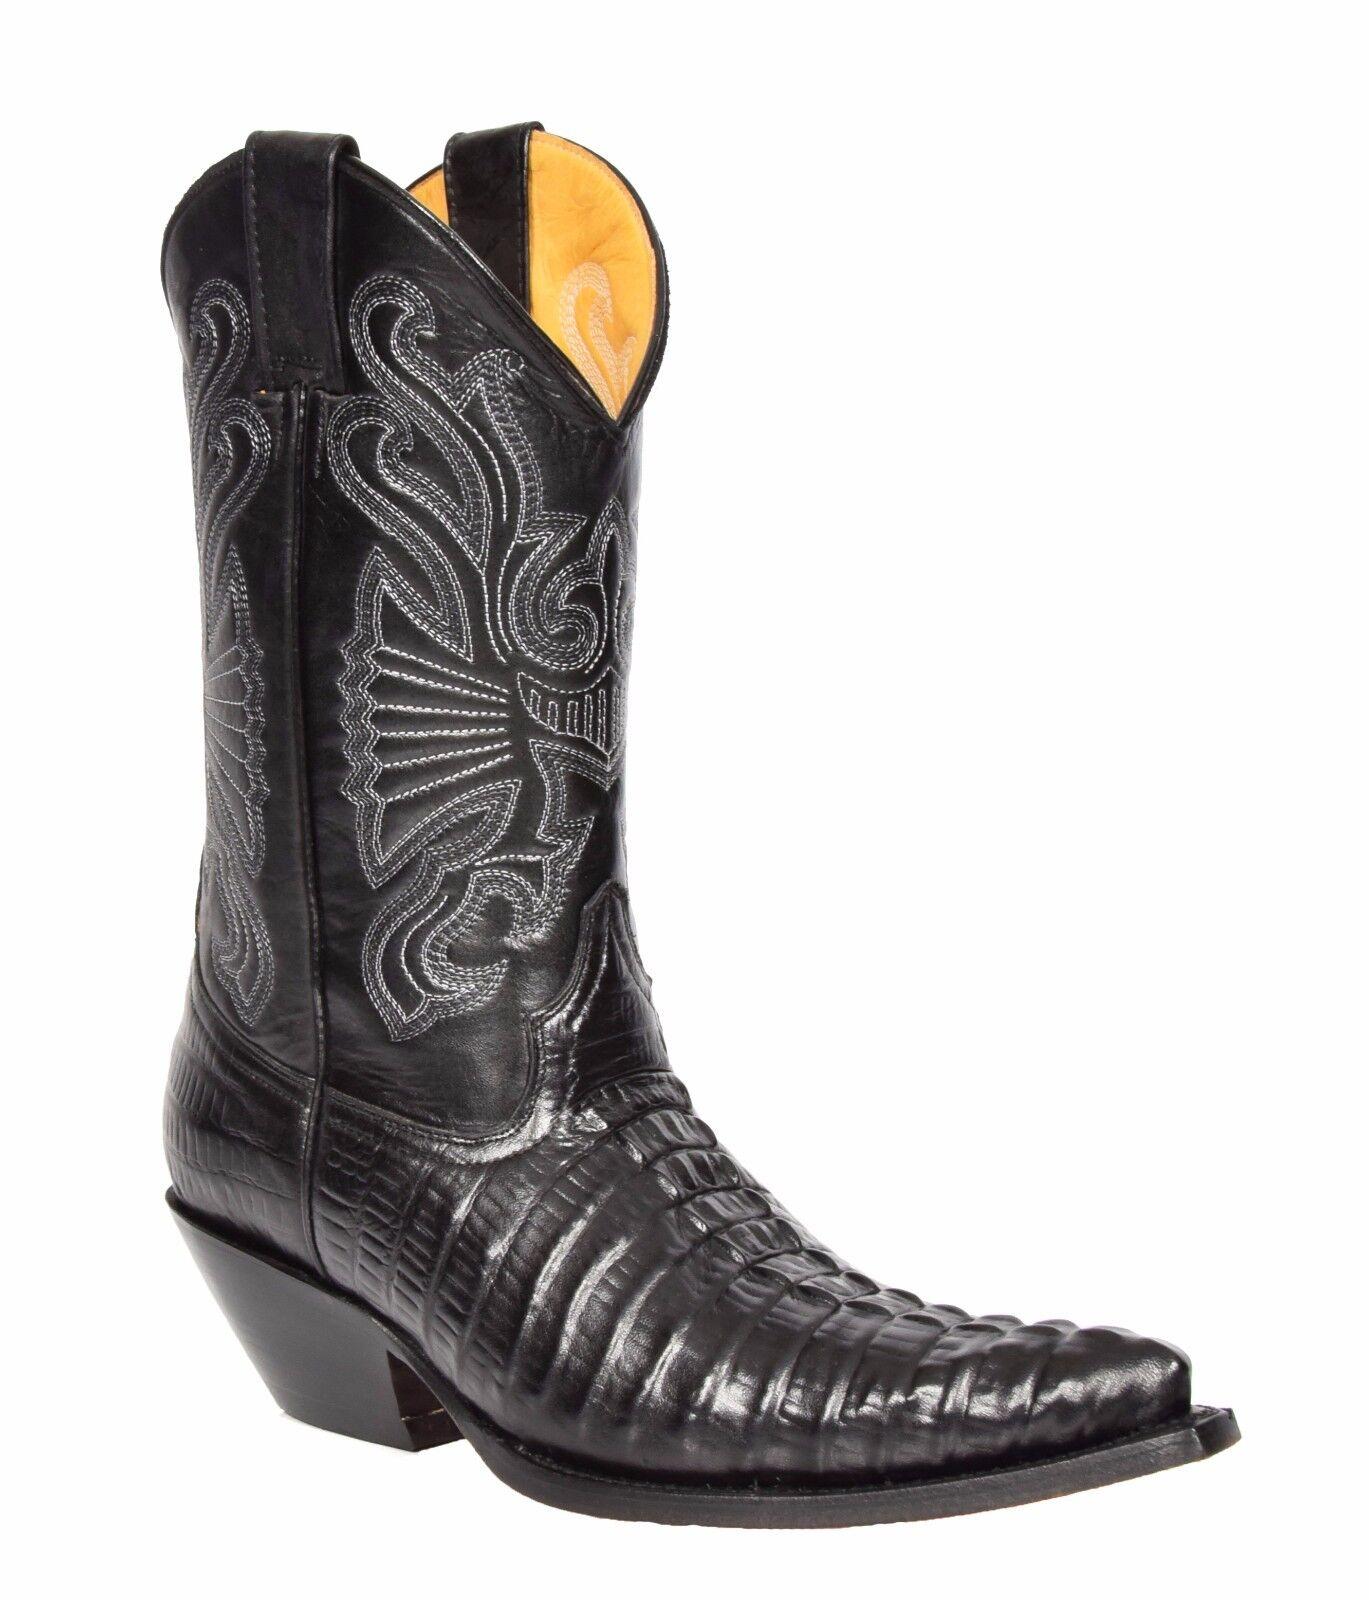 Stivali in da Cowboy da Uomo in Stivali Pelle Coccodrillo Nero Slip On A Punta Designer Stivali Grinders 051677